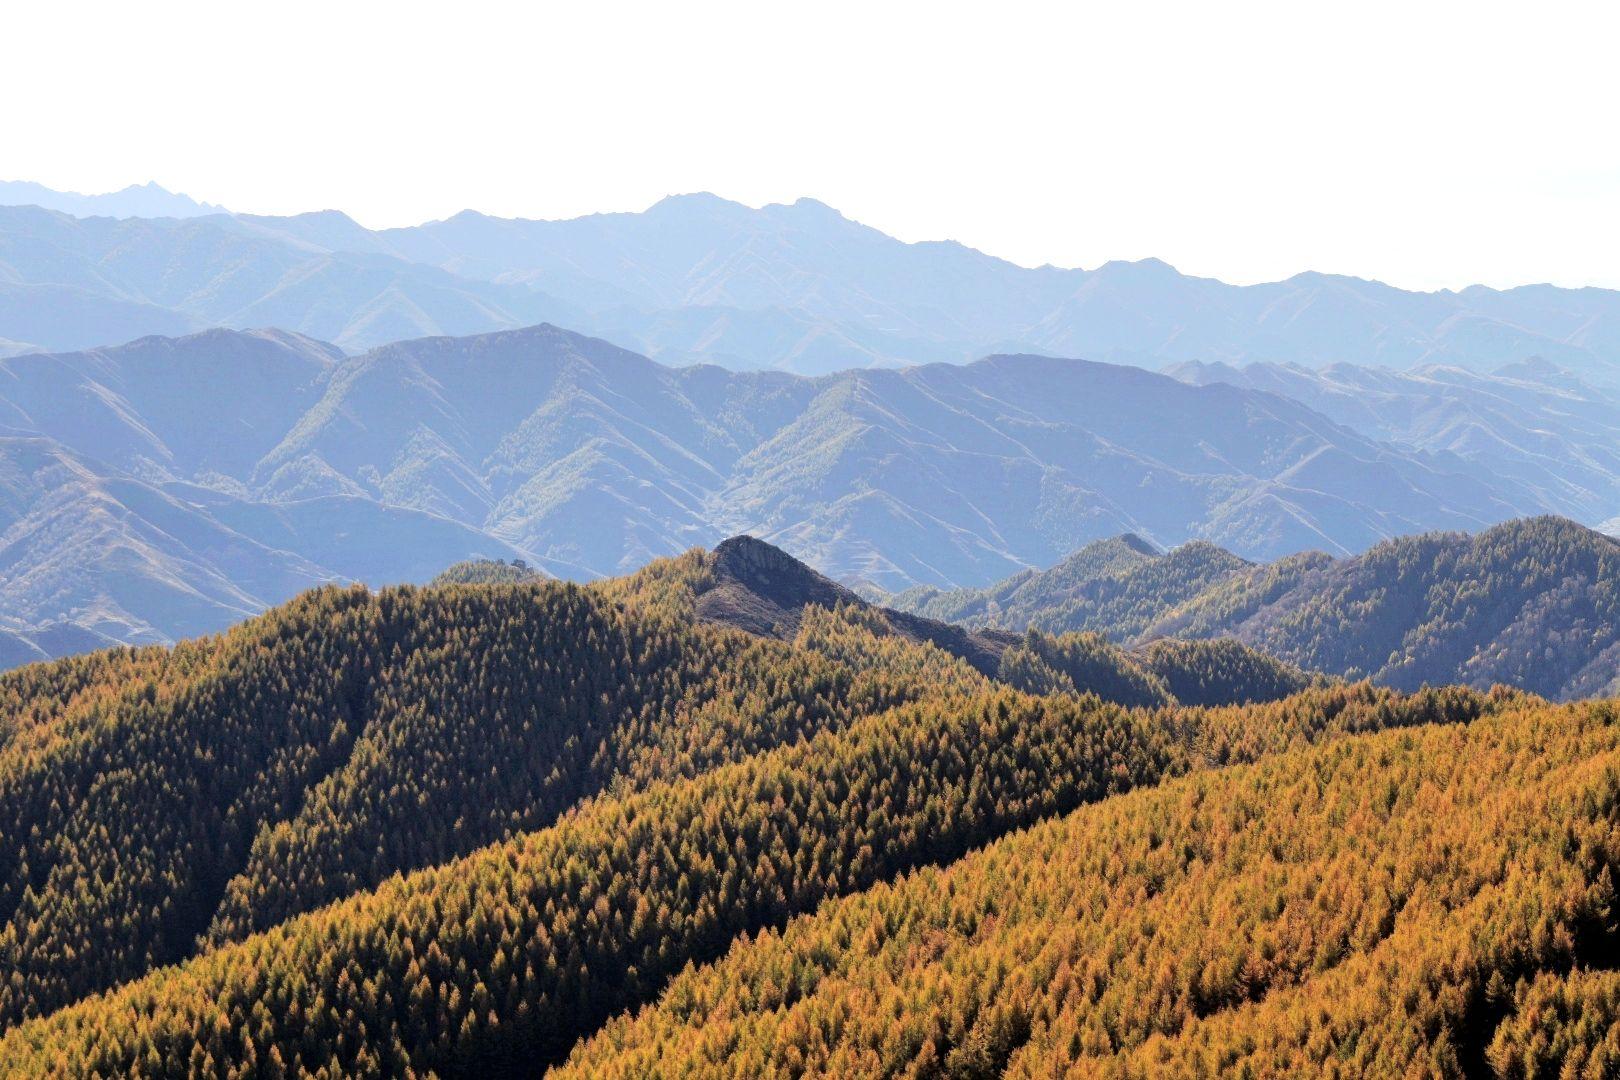 南与山西省阳高,天镇县接壤,西与丰镇市相邻,是晋,冀,蒙三省(区)交界